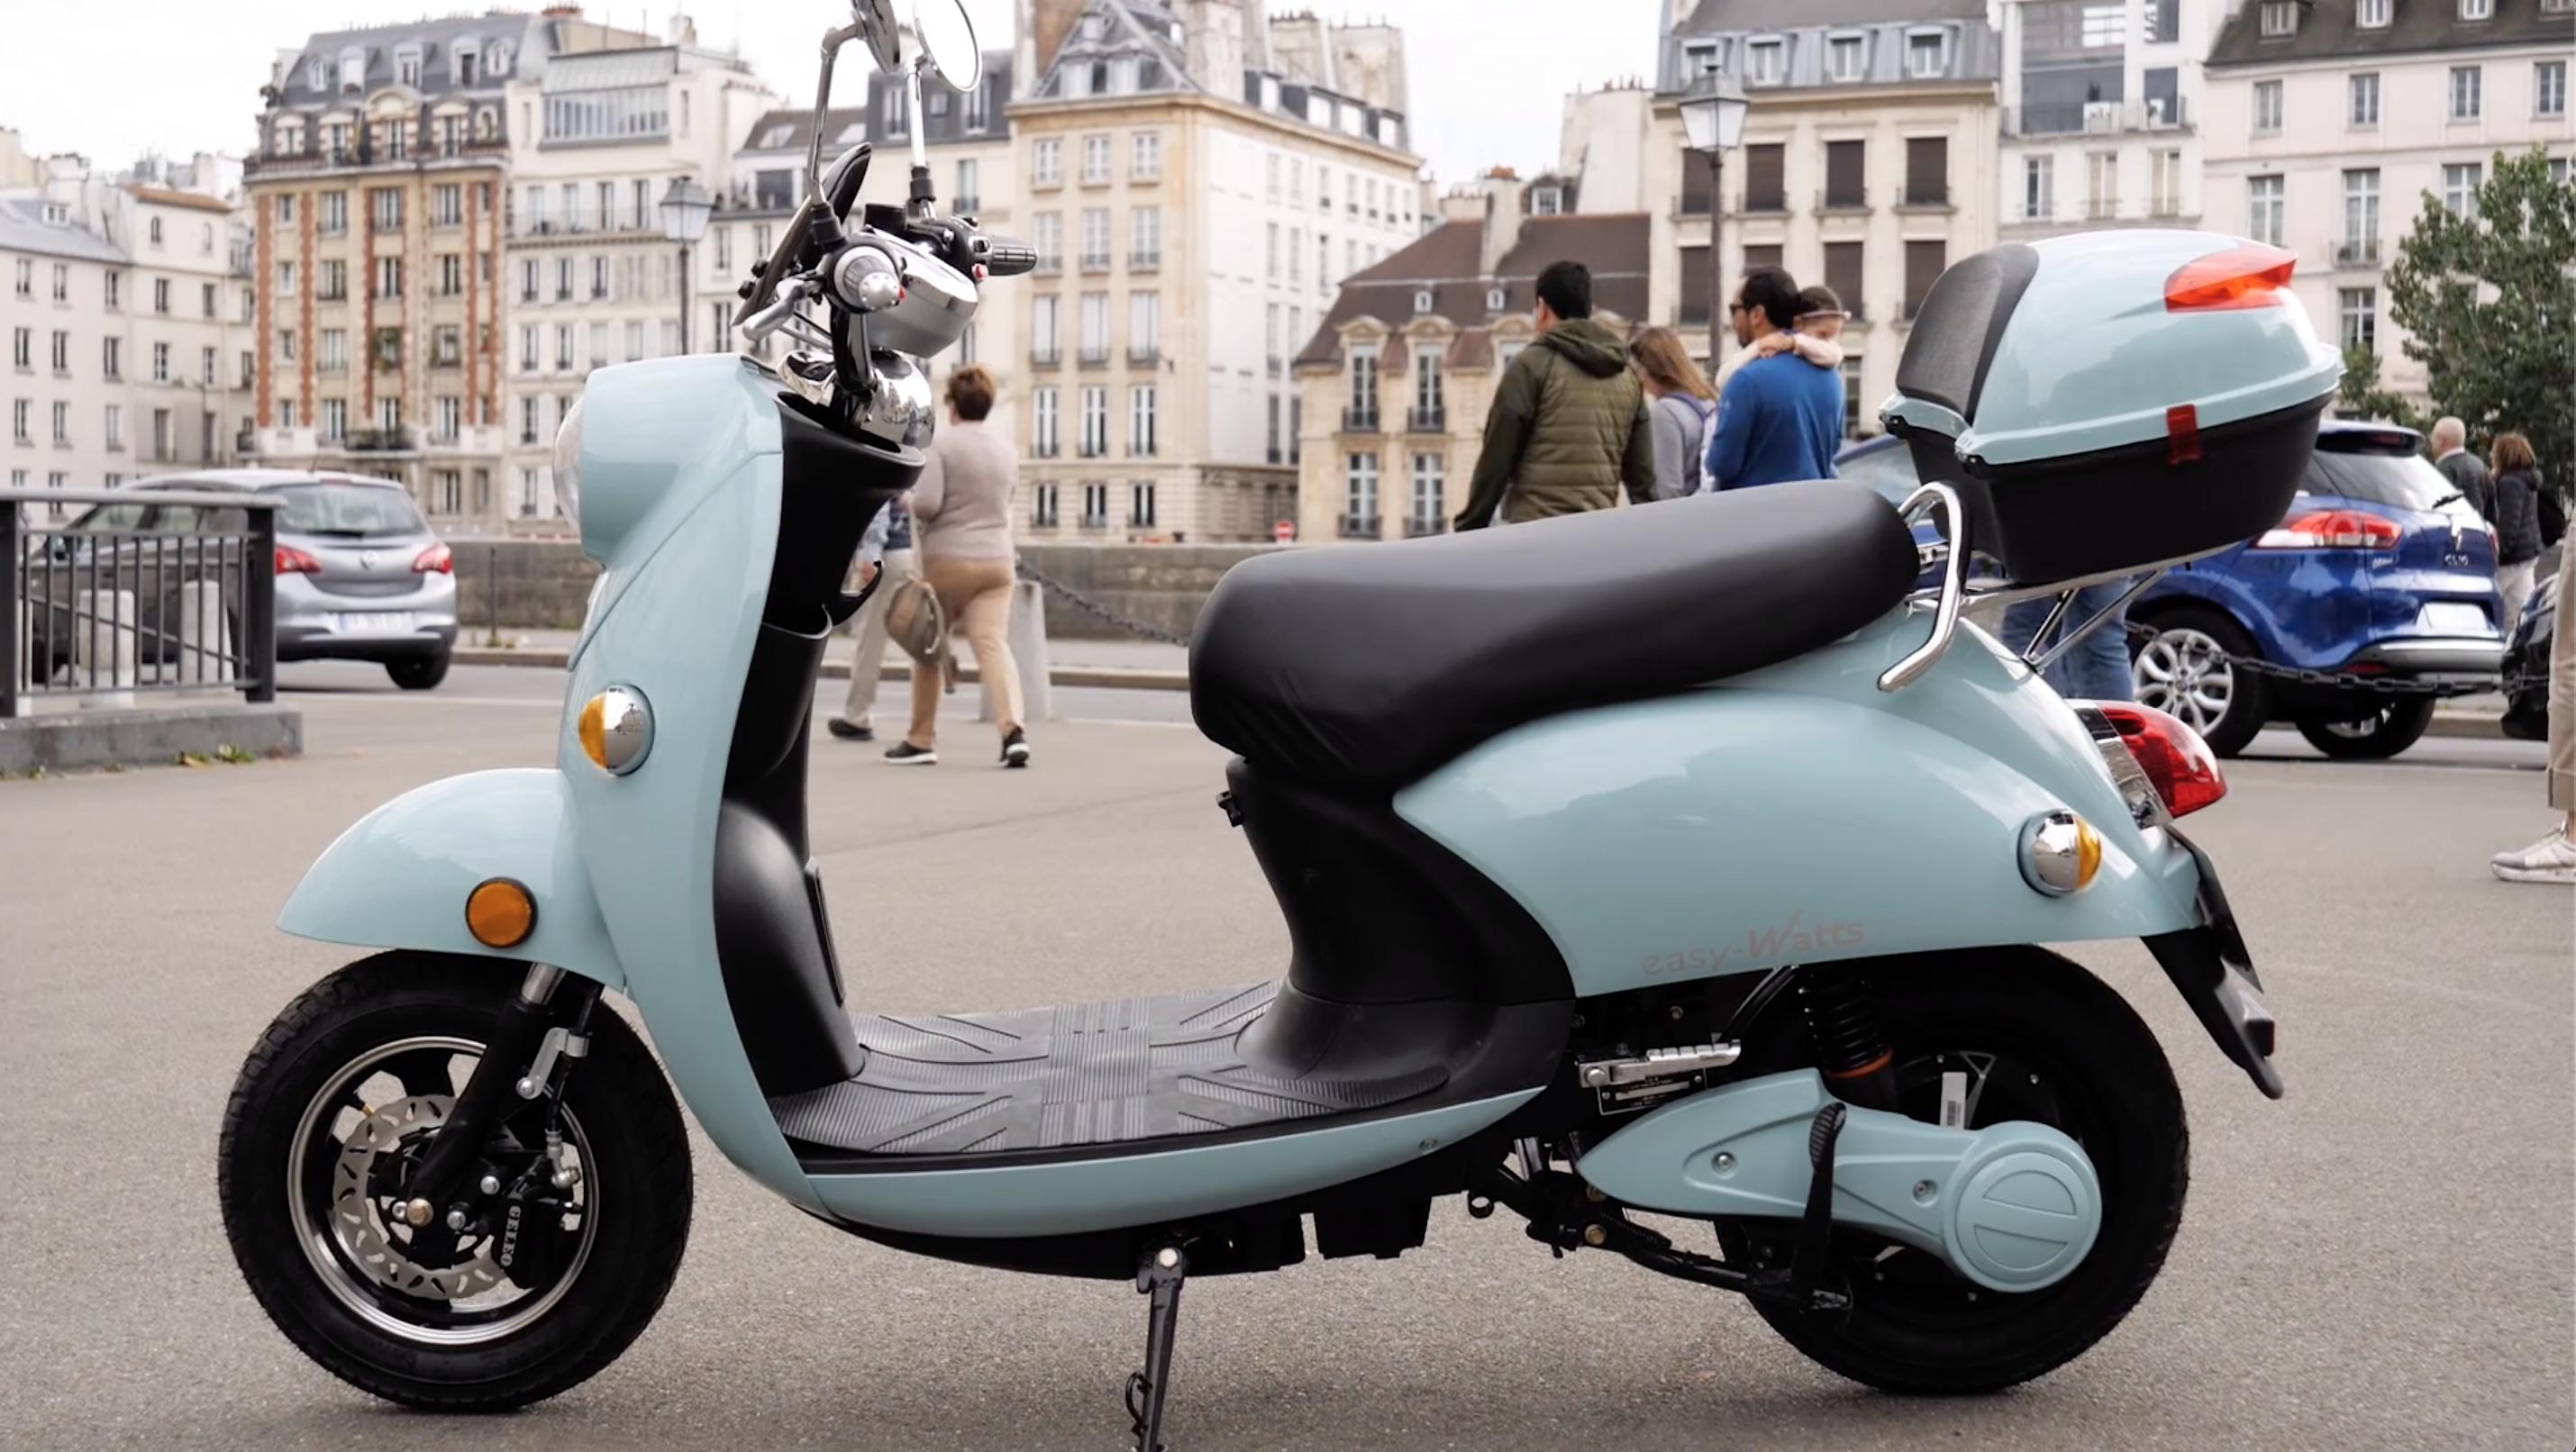 Test du Emma : que vaut le scooter électrique le moins cher du marché ?